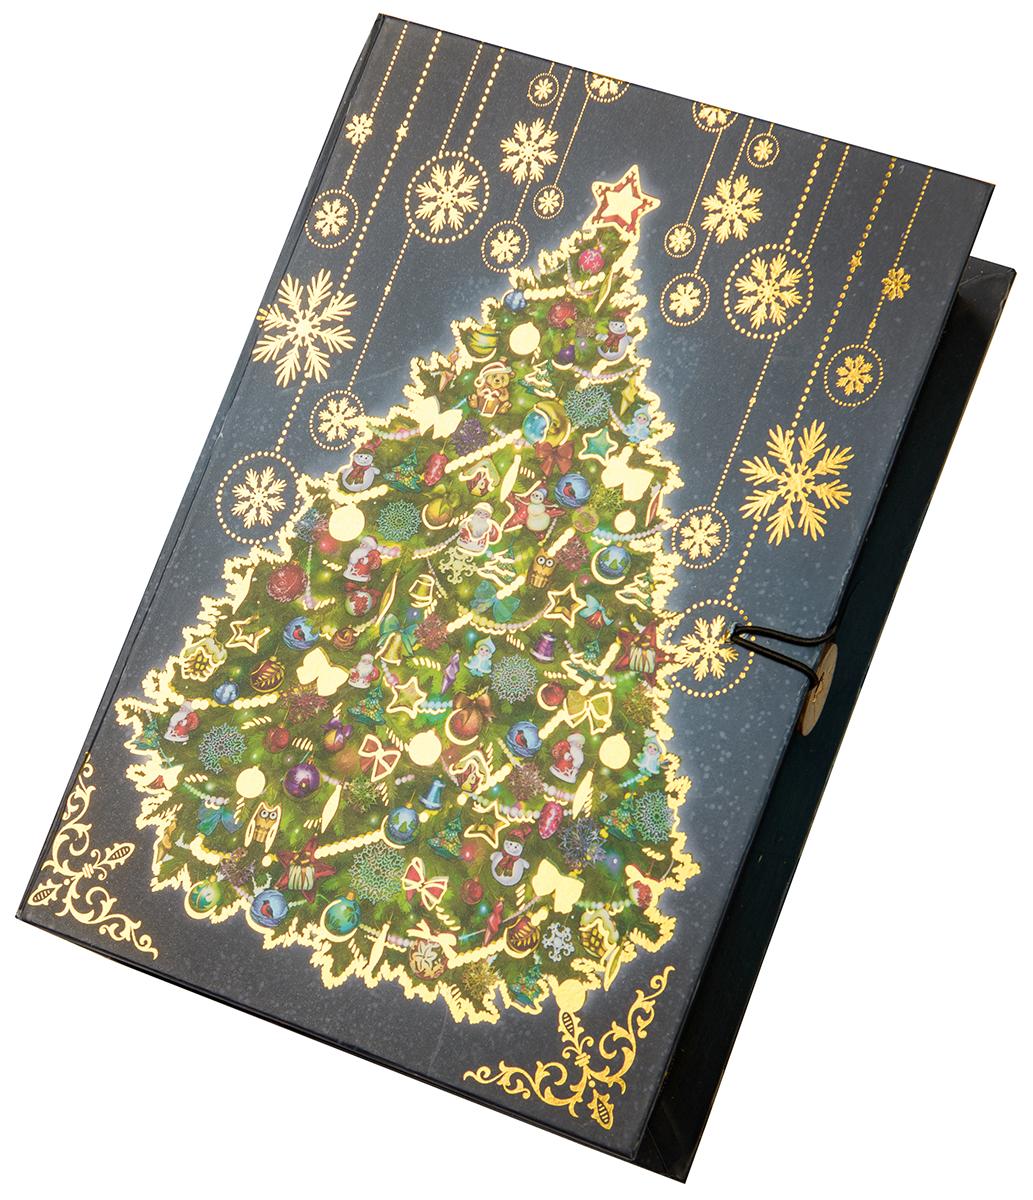 Коробка подарочная Magic Time Новогодняя ночь, размер M. 7502175021Подарочная коробка Magic Time, выполненная из мелованного, ламинированного картона, закрывается на пуговицу. Крышка оформлена декоративным рисунком.Подарочная коробка - это наилучшее решение, если вы хотите порадовать ваших близких и создать праздничное настроение, ведь подарок, преподнесенный в оригинальной упаковке, всегда будет самым эффектным и запоминающимся. Окружите близких людей вниманием и заботой, вручив презент в нарядном, праздничном оформлении.Плотность картона: 1100 г/м2.